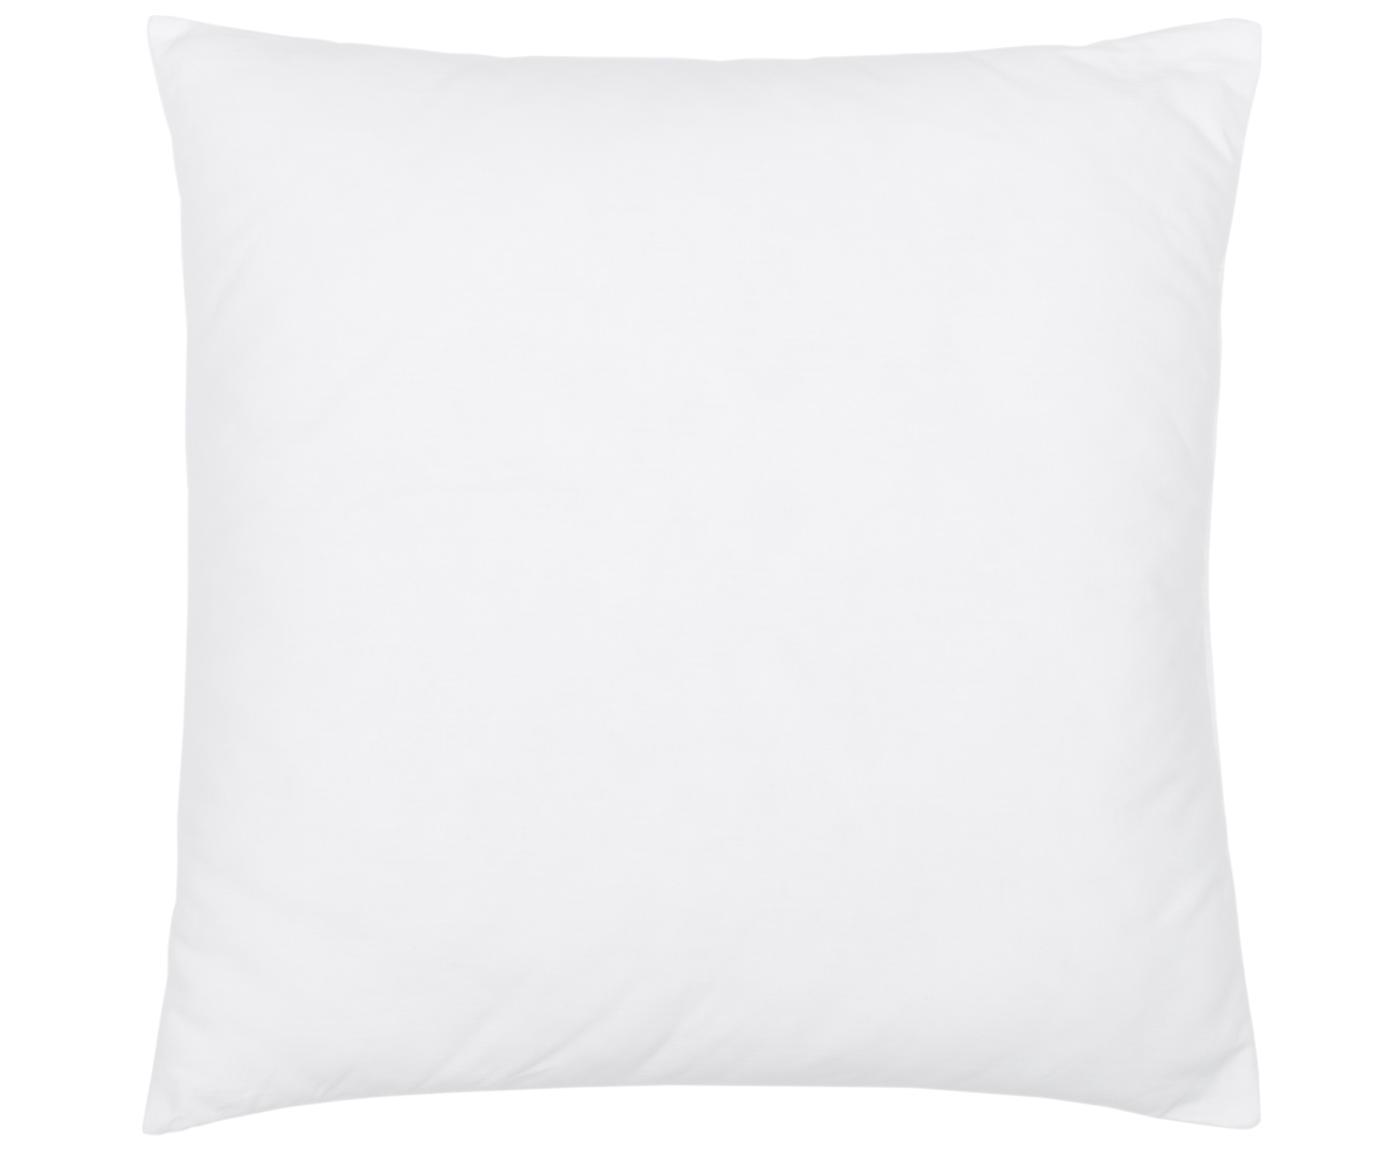 Wypełnienie poduszki dekoracyjnej z mikrofibry Sia, 60 x 60 cm, Biały, S 60 x D 60 cm